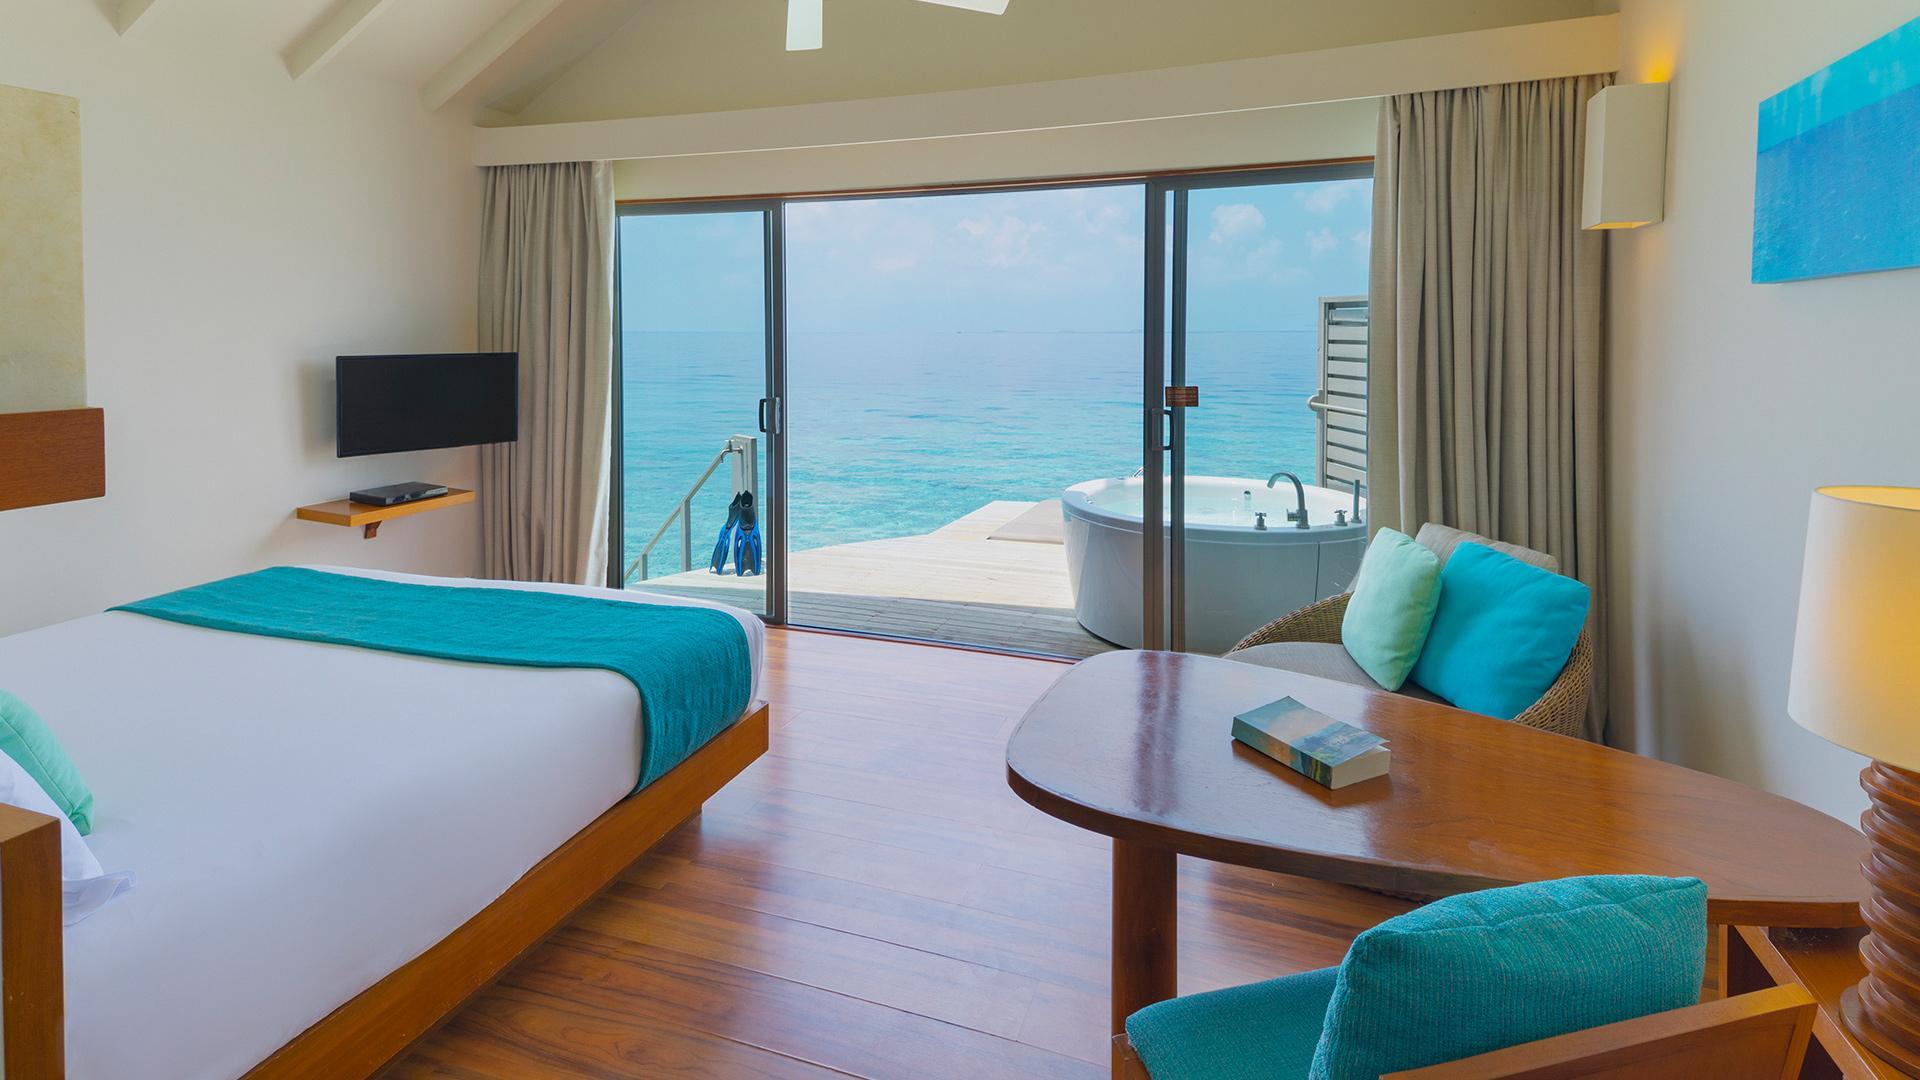 Deluxe Spa Overwater Villa image 1 at Centara Ras Fushi Resort & Spa Maldives by Kaafu Atoll, null, Maldives